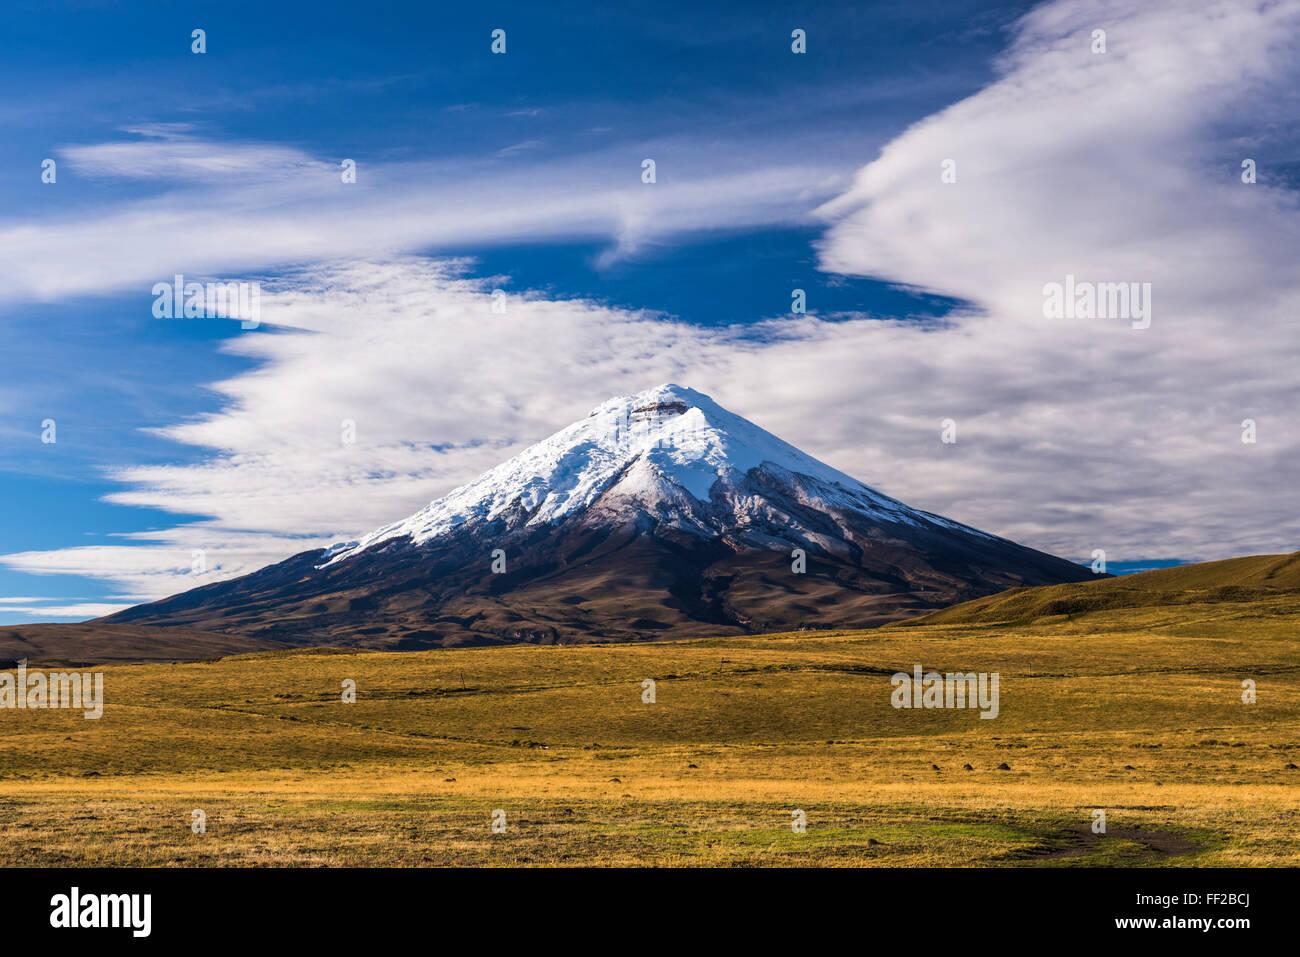 Cotopaxi VoRMcano con 5897 m de cumbre, Cotopaxi Parque NationaRM, Provincia de Cotopaxi, Ecuador, Sudamérica Foto de stock